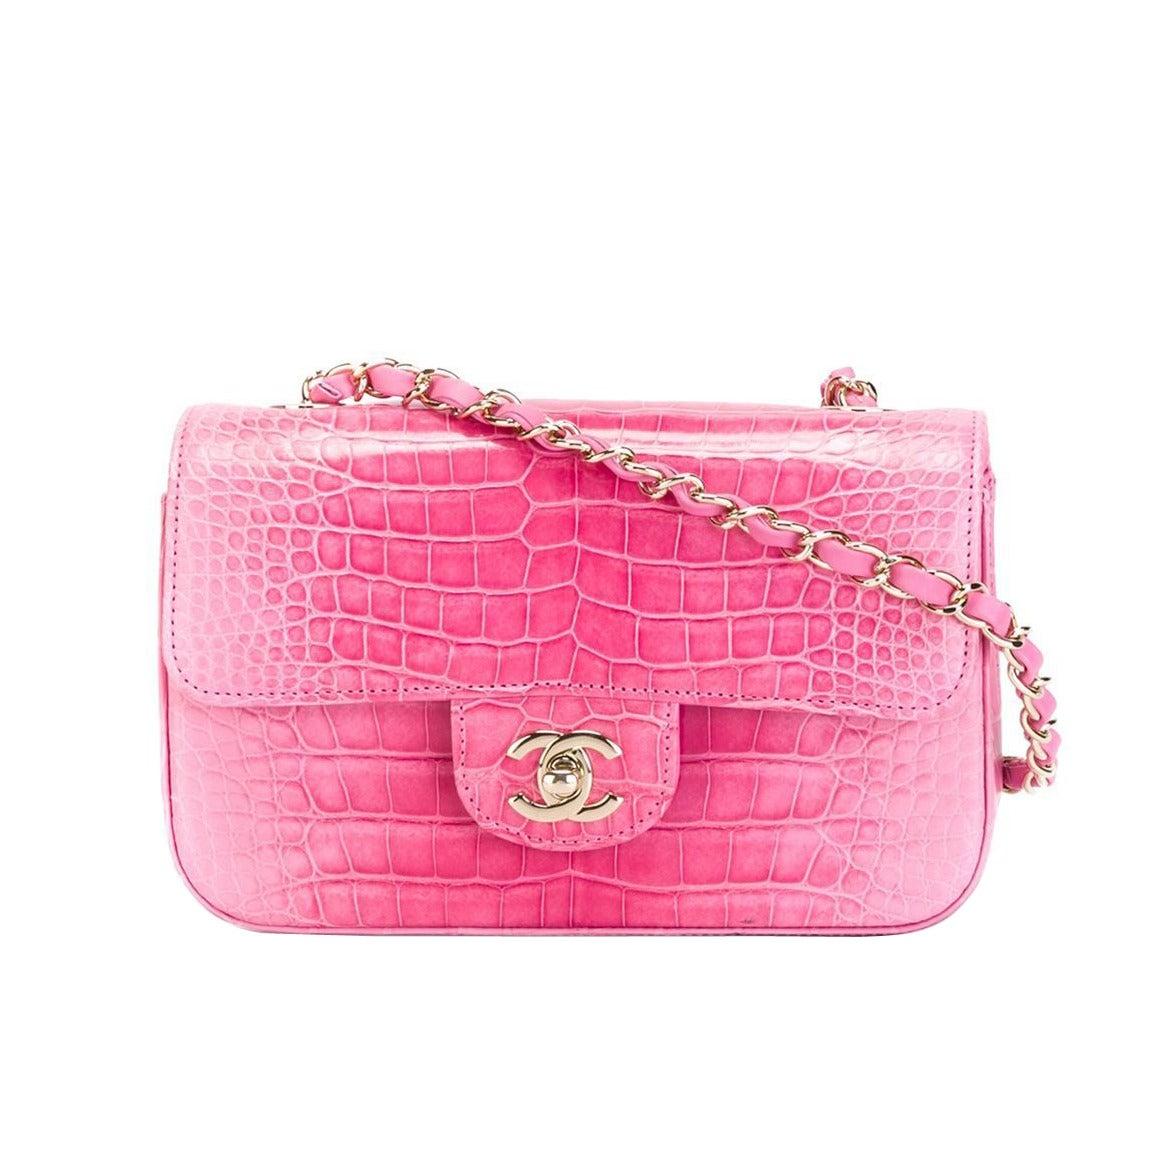 0a9958566690 Chanel Pink Crocodile Shoulder Bag at 1stdibs